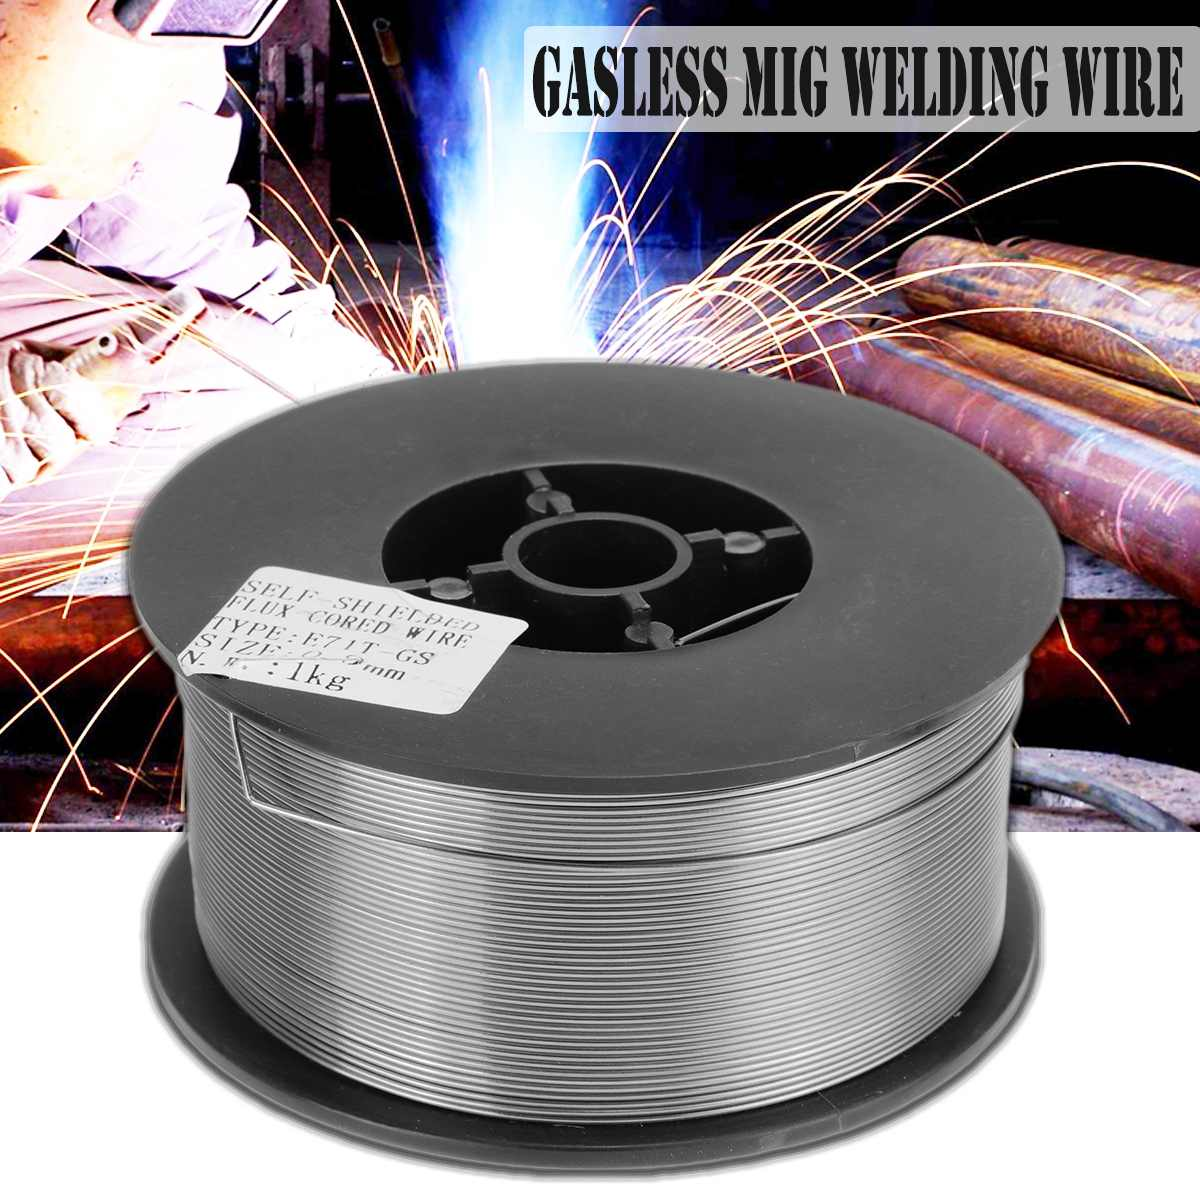 1kg 0.9mm Gasless Welding Wire Mig Wire Core for Mig Welding Machine Welder Welding reel Сварка